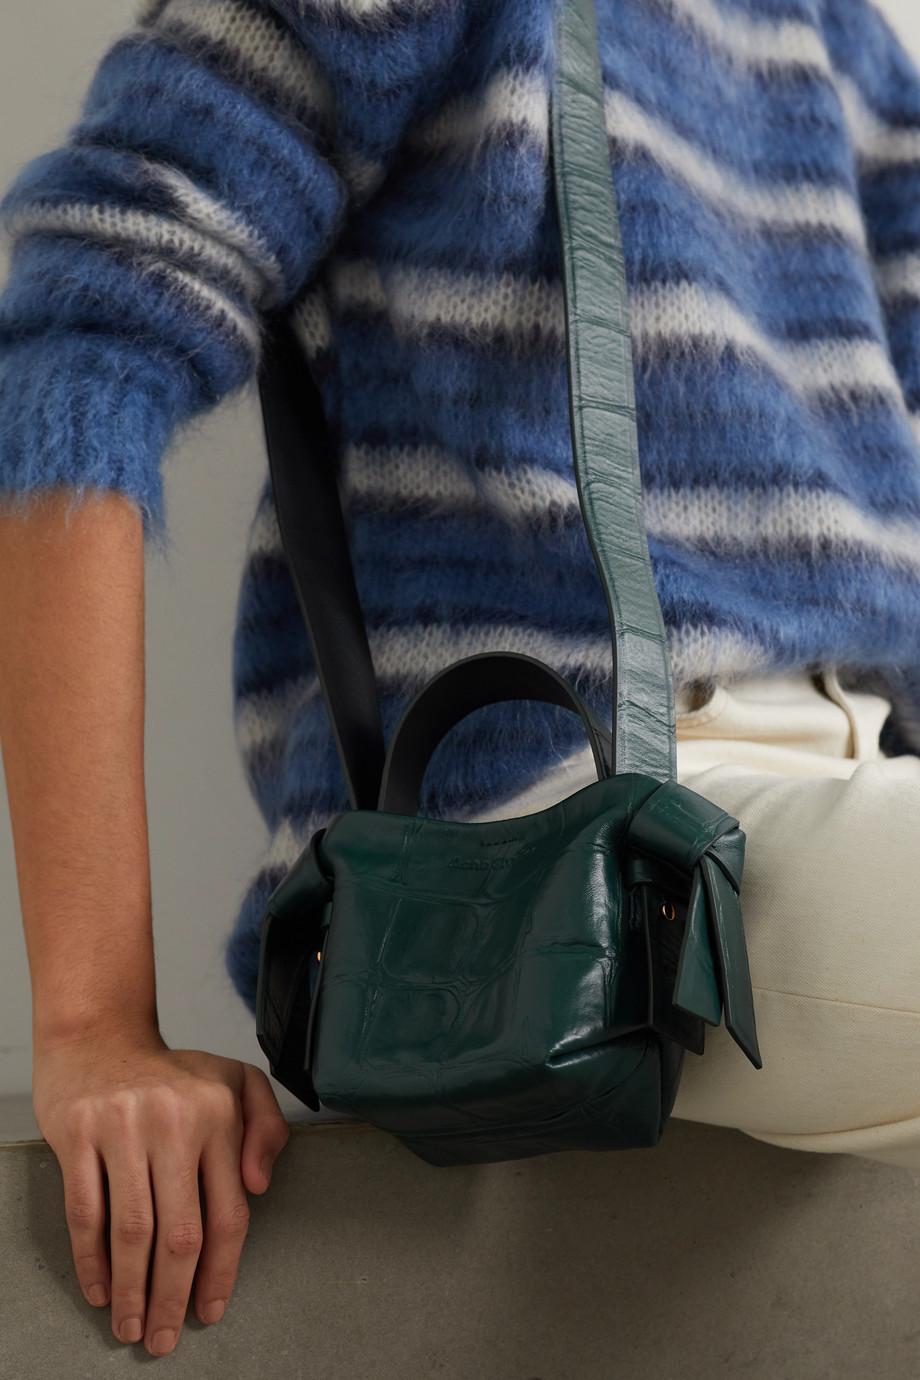 Acne Studios Schultertasche aus Leder mit Krokodileffekt und Knoten